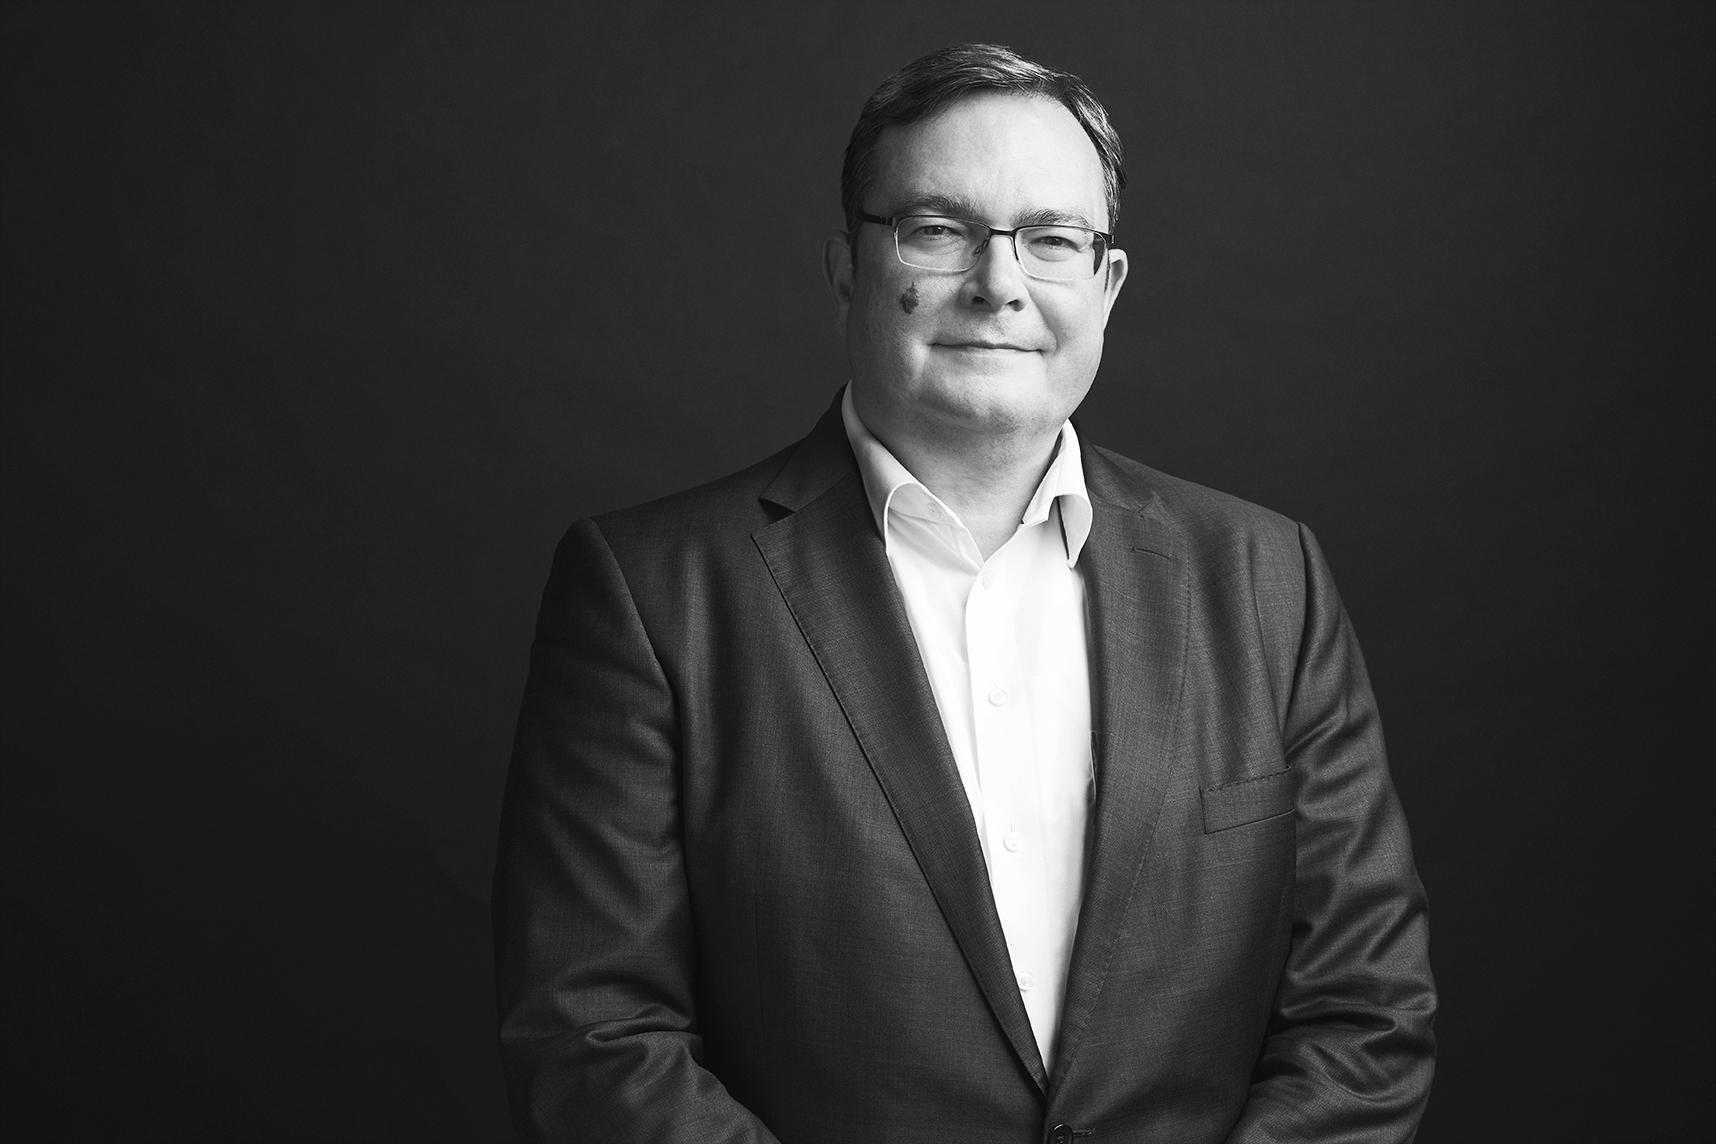 Jim Øksnebjerg